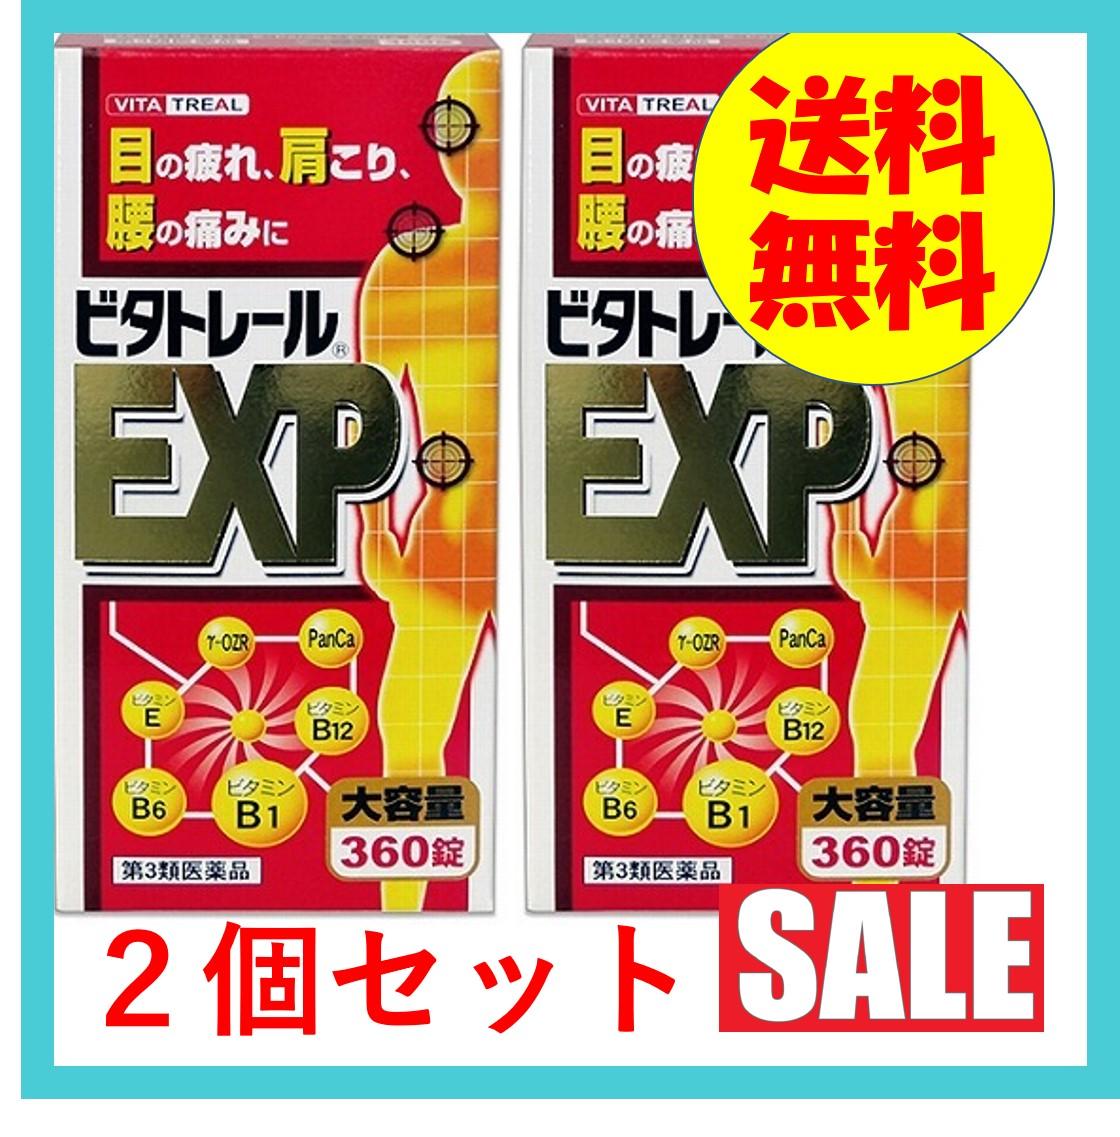 ビタトレールEXP 2個セット 毎日感じるその疲れに 360錠 レターパックプラス 腰の痛み 第3類医薬品 肩こり 日本未発売 目の疲れ 安値